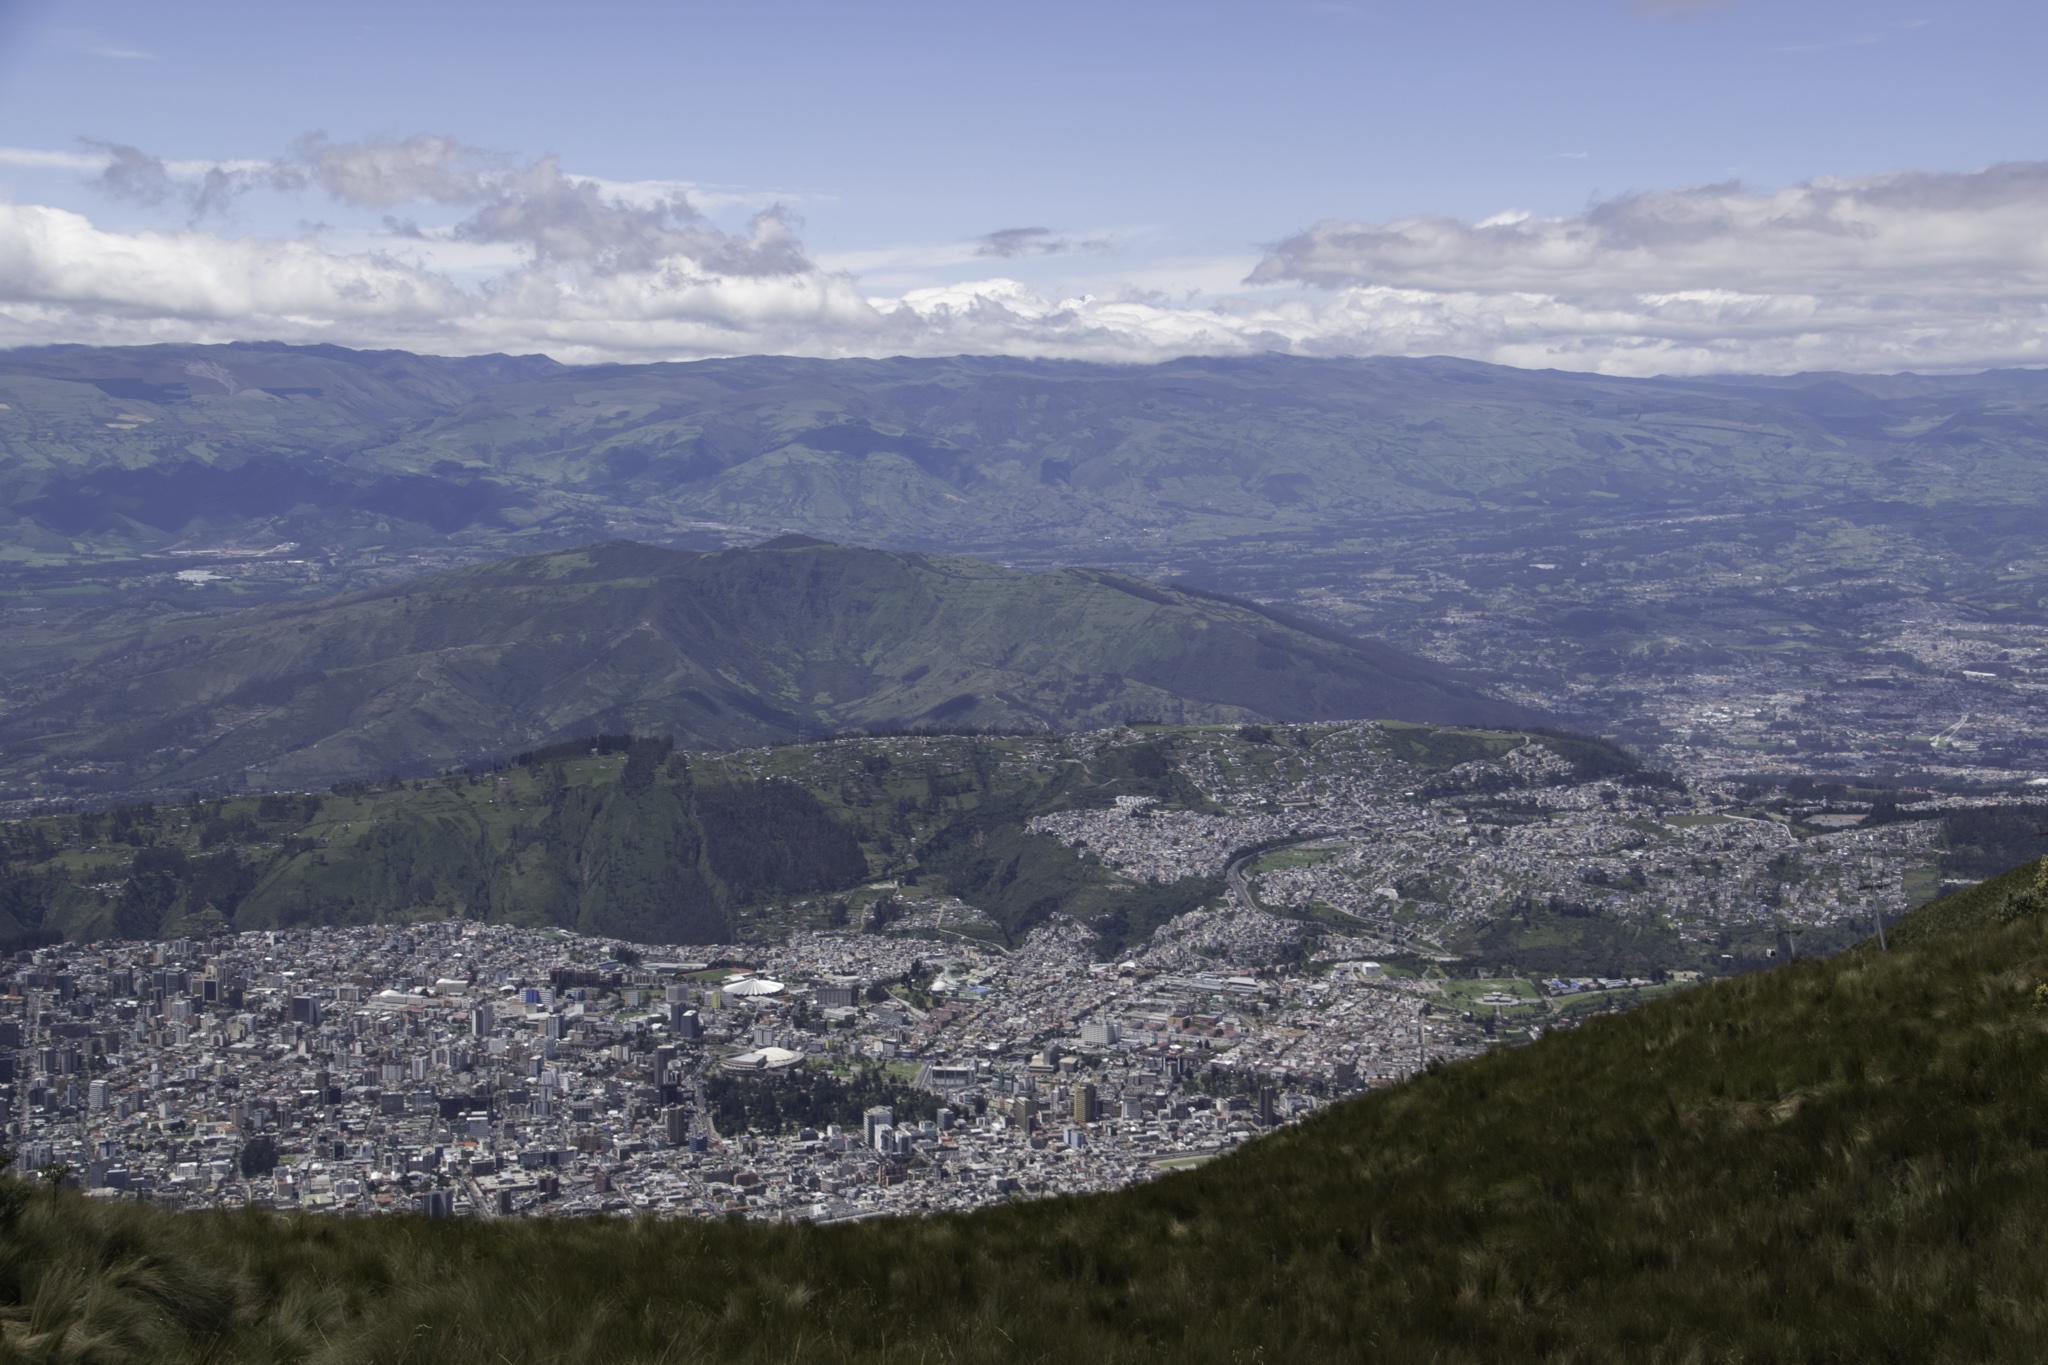 Atemraubende Aussicht von über 4100 m über Meer